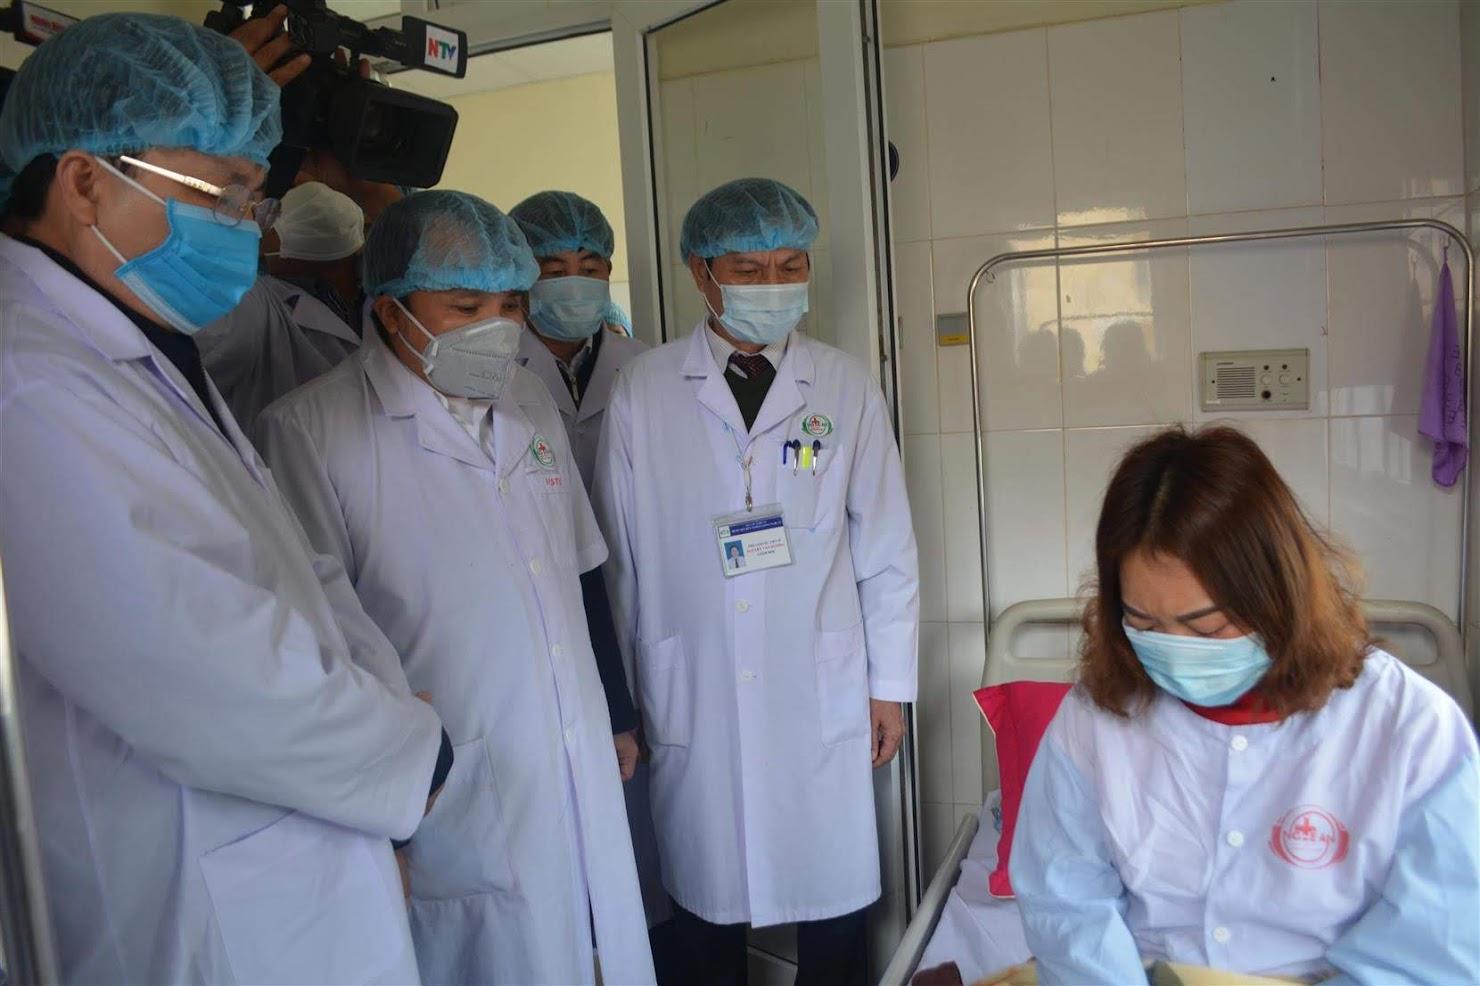 Đoàn công tác UBND tỉnh đi kiểm tra và thăm sức khỏe bệnh nhân nghi nhiễm virus Corona - Ảnh: Hồ Hưng